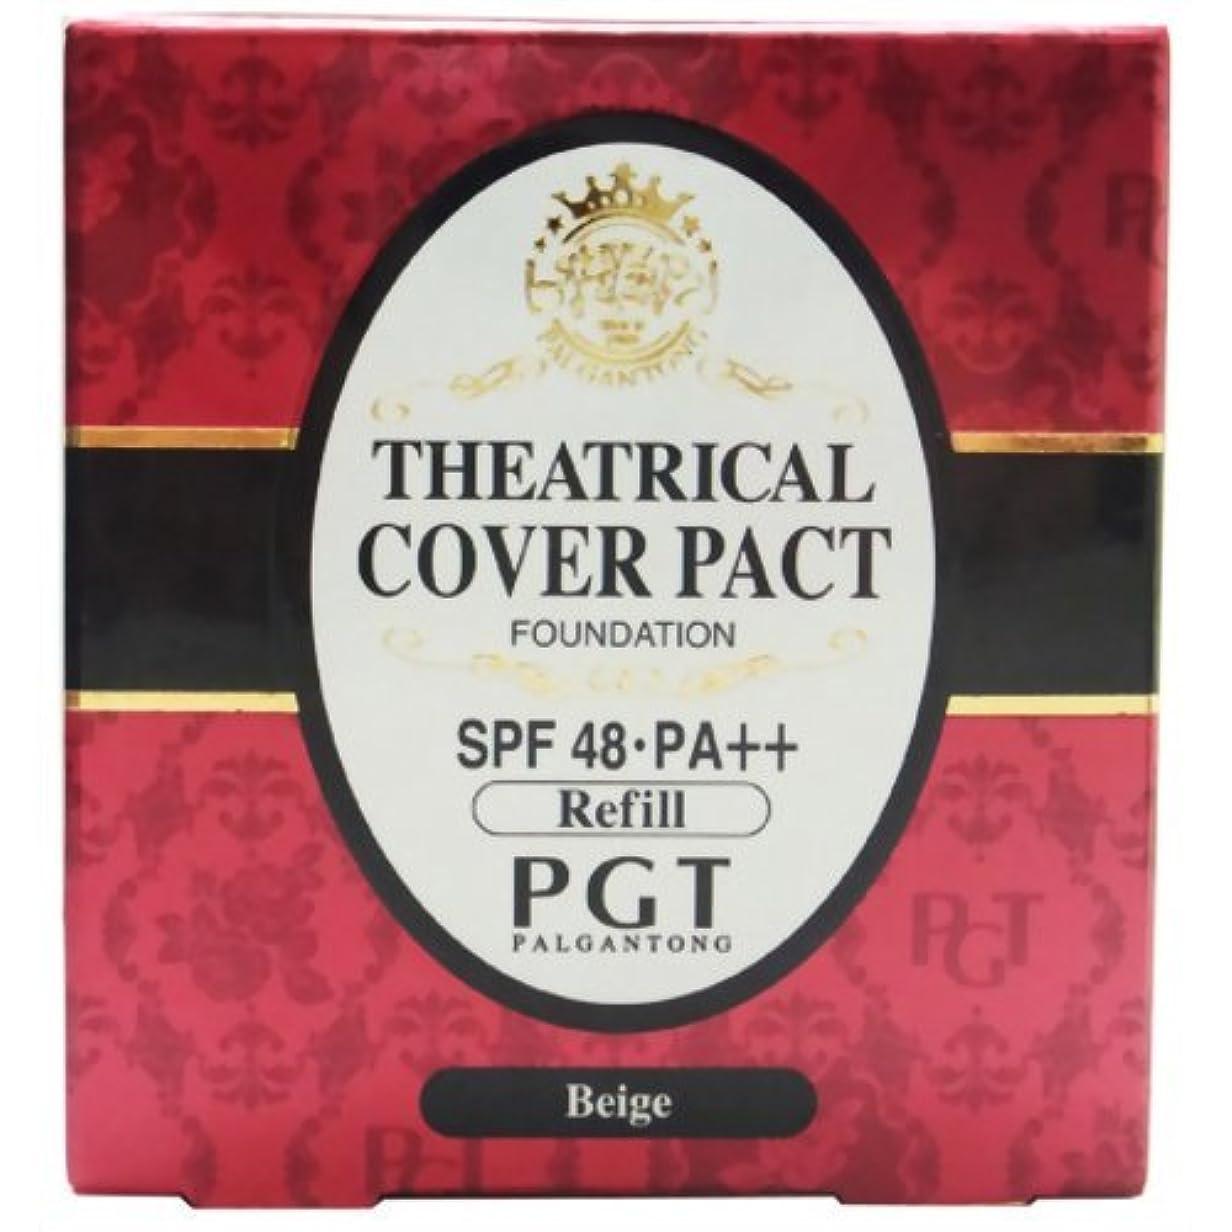 王子設計逆さまにパルガントン シアトリカルカバーパクト ベージュ パフ付 SPF48?PA++ 10g